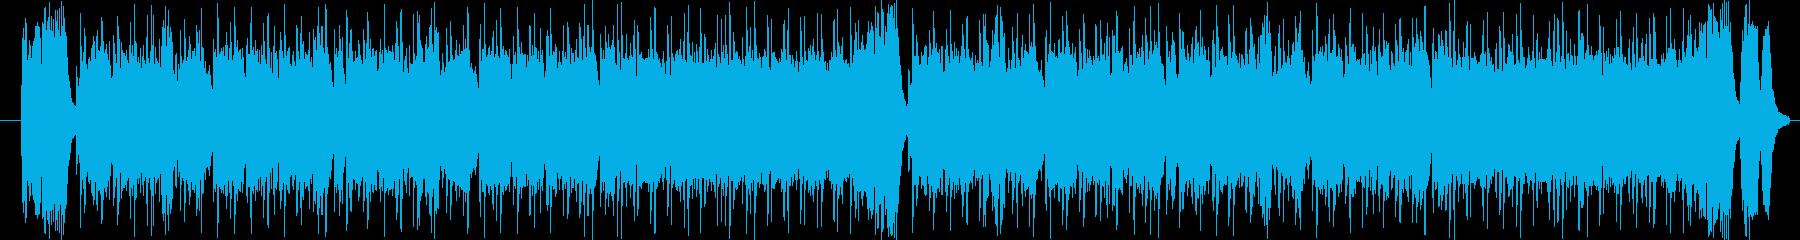 熱血ヒーロー・戦隊ものアクション系の曲の再生済みの波形